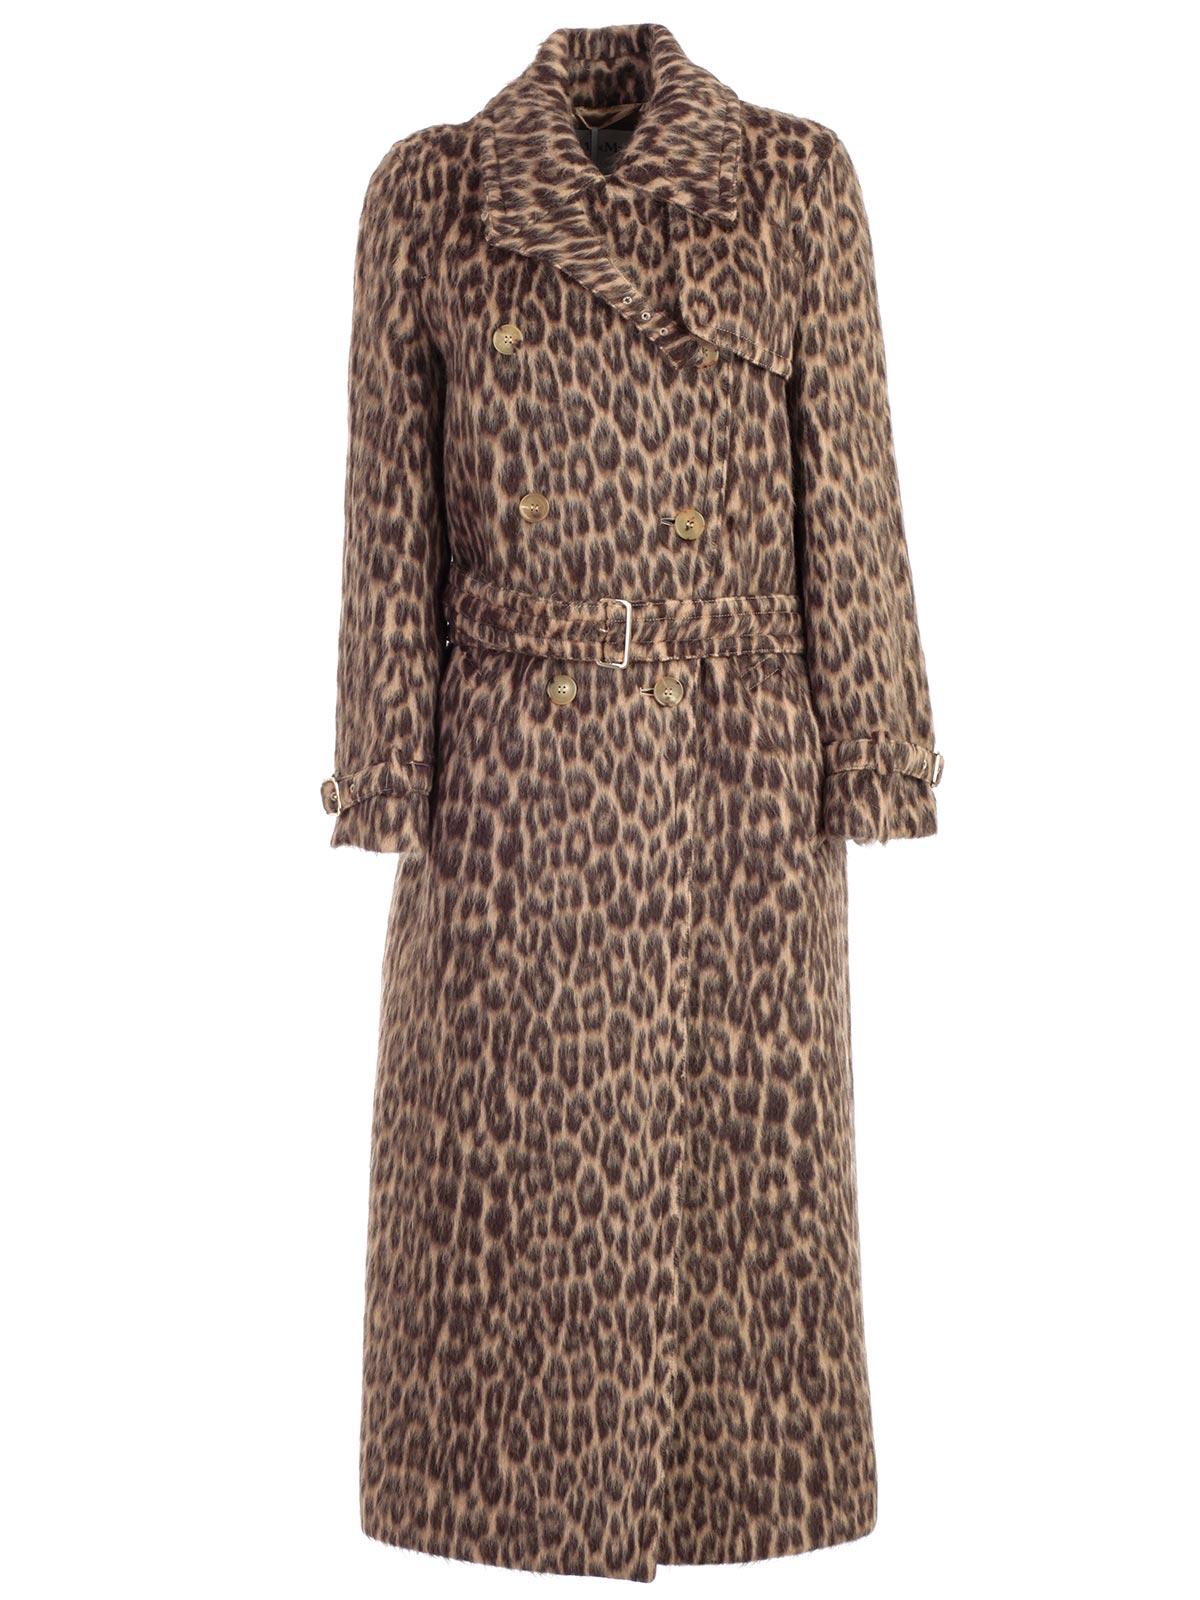 Picture of Max Mara Coat